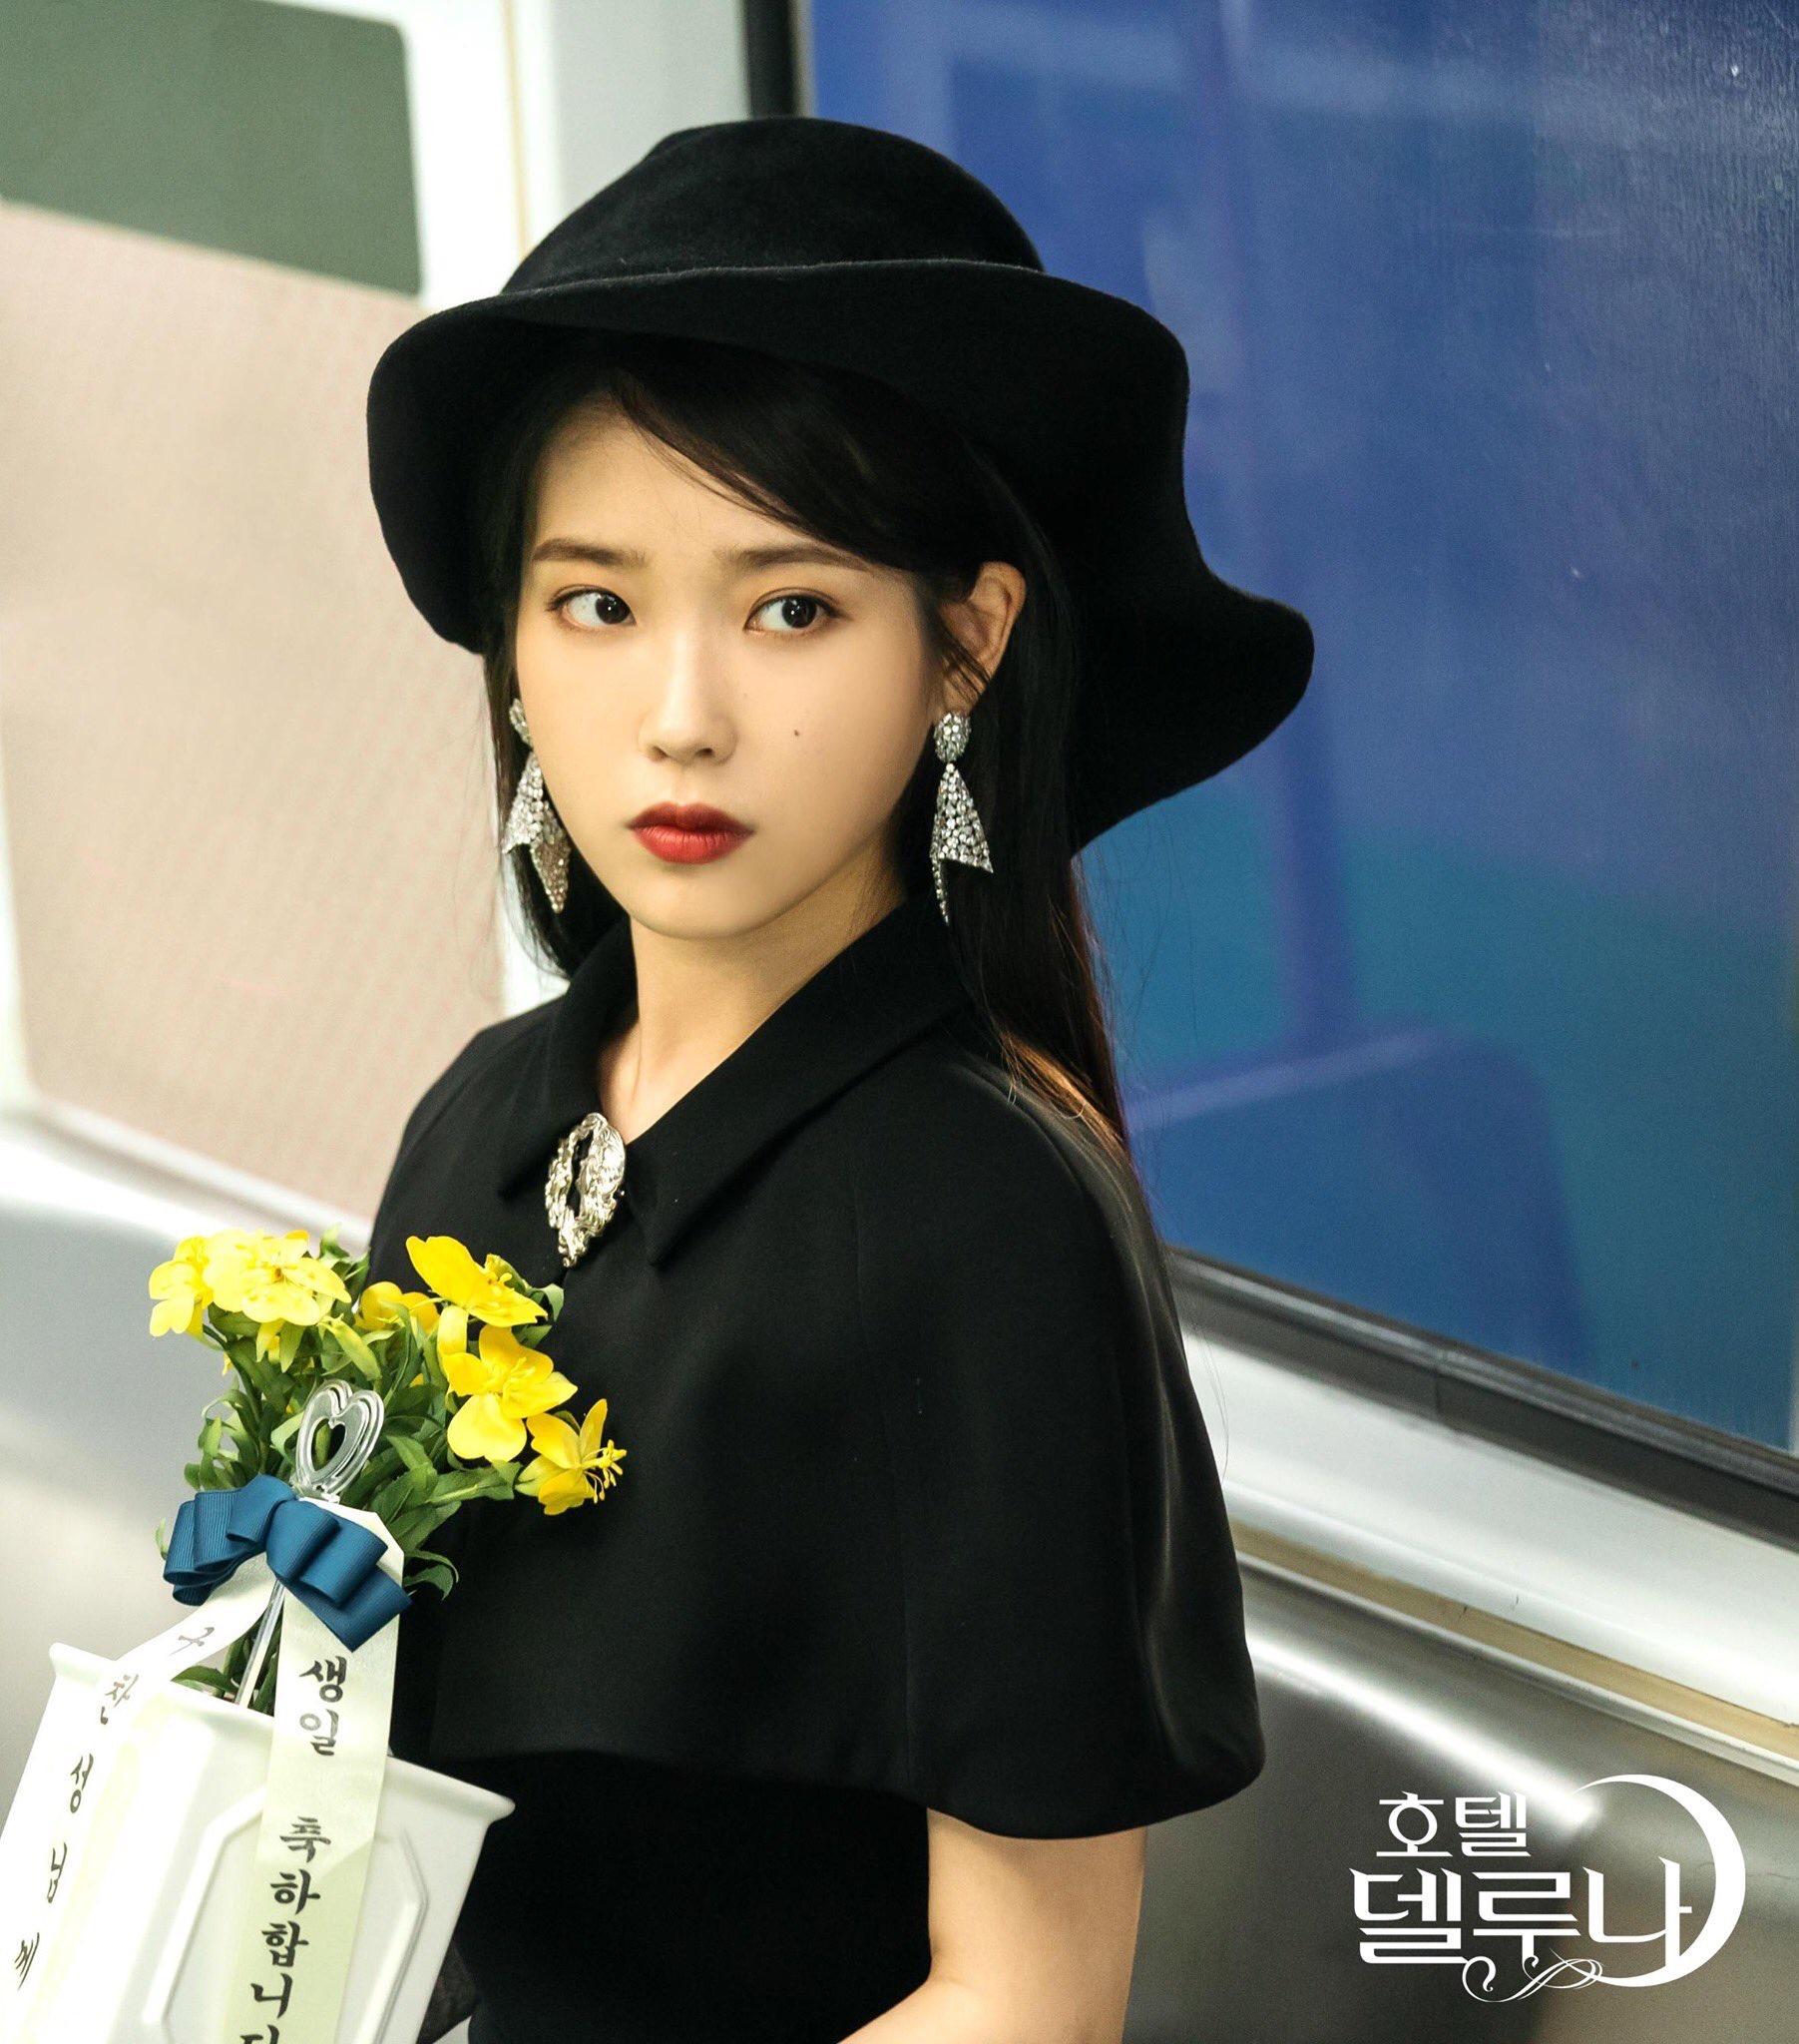 iu đầm đen mũ đen hoa vàng